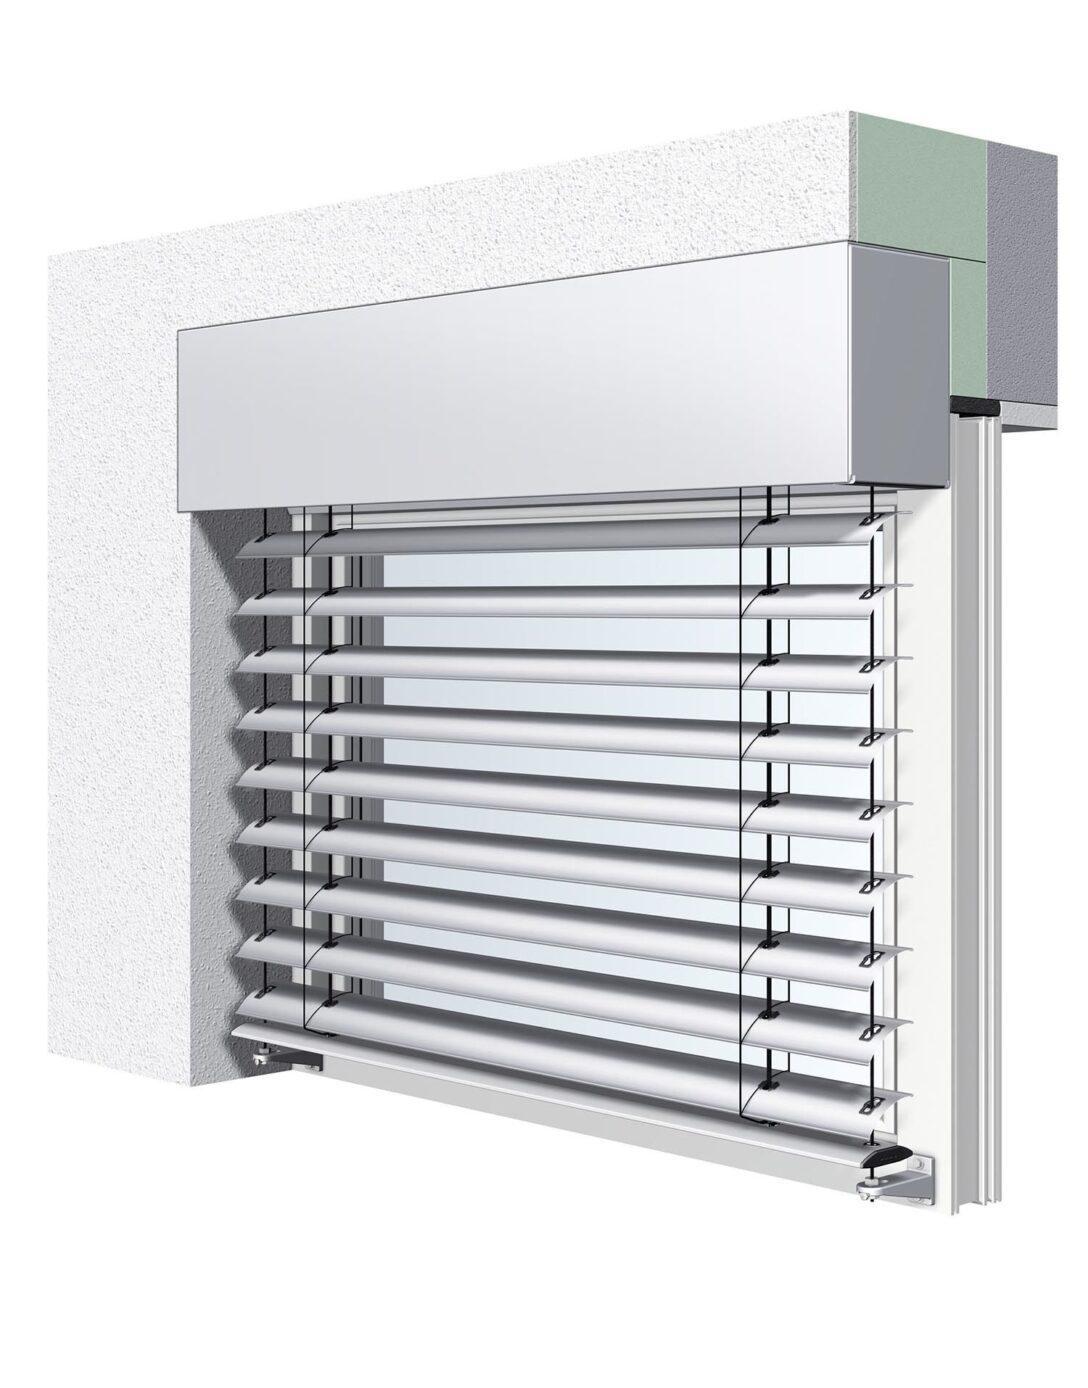 Large Size of Nolte Blendenbefestigung Fenster System Auenjalousie Wolf Gmbh Sonnenschutz Und Betten Küche Schlafzimmer Wohnzimmer Nolte Blendenbefestigung